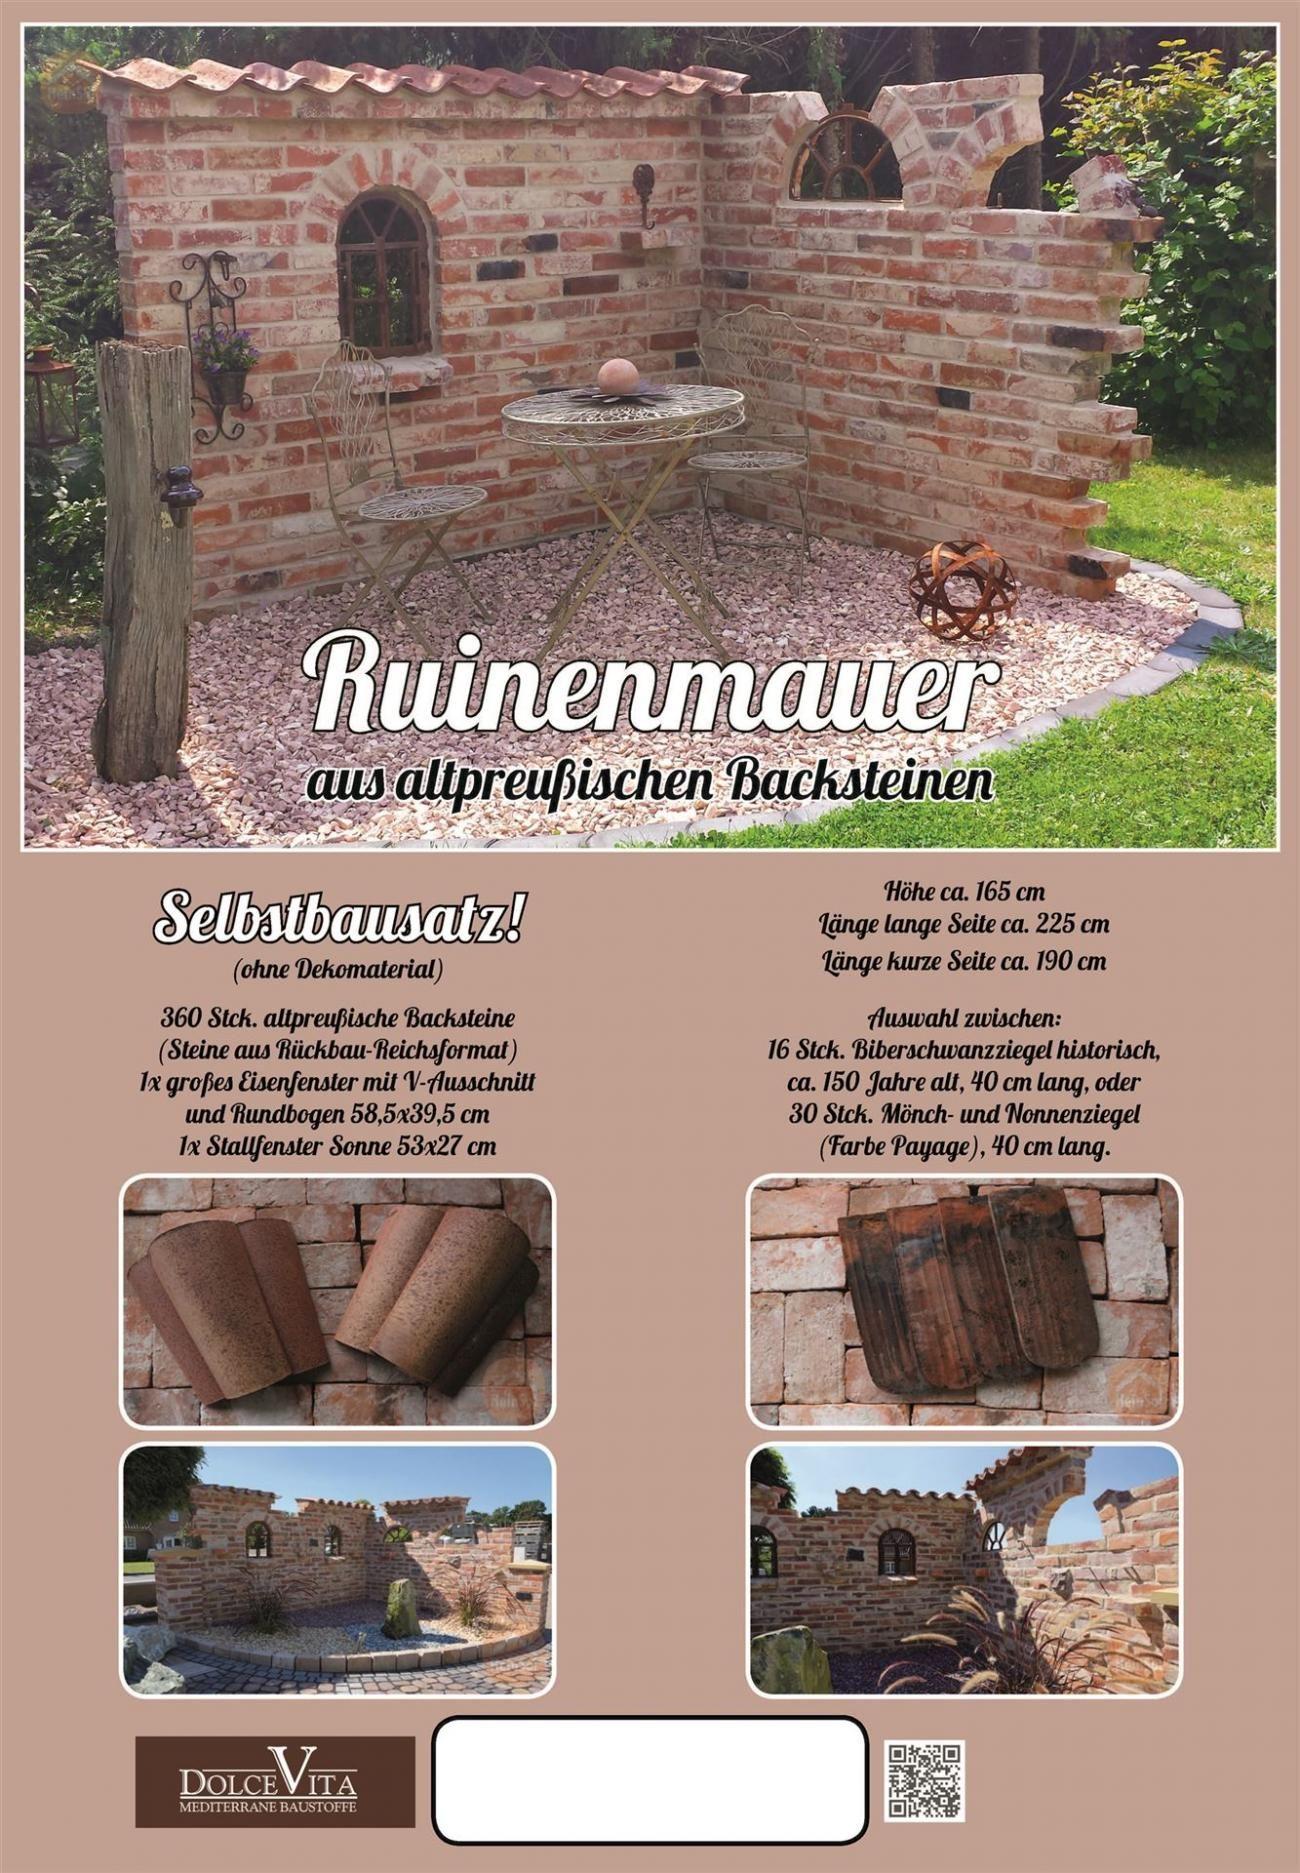 Ruinenmauer selber bauen   Altpreußische Backsteine   Mediterrane Dachziegel